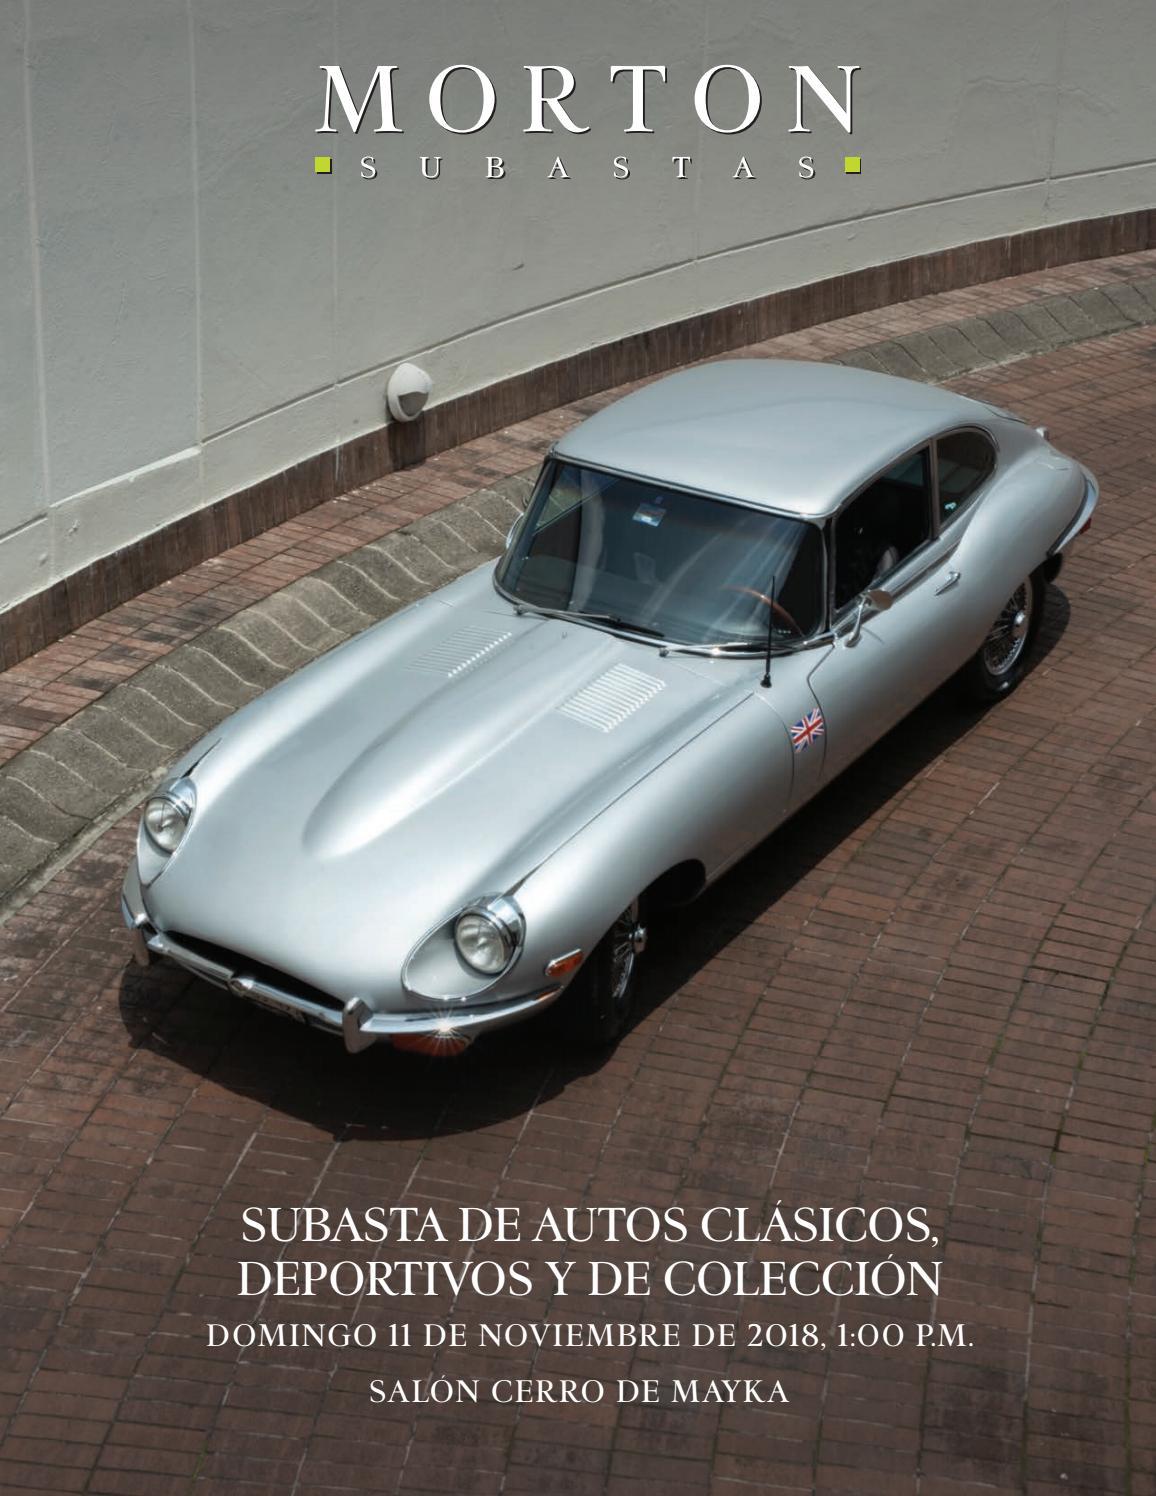 Subasta de auto clásicos deportivos y de colección by morton subastas issuu